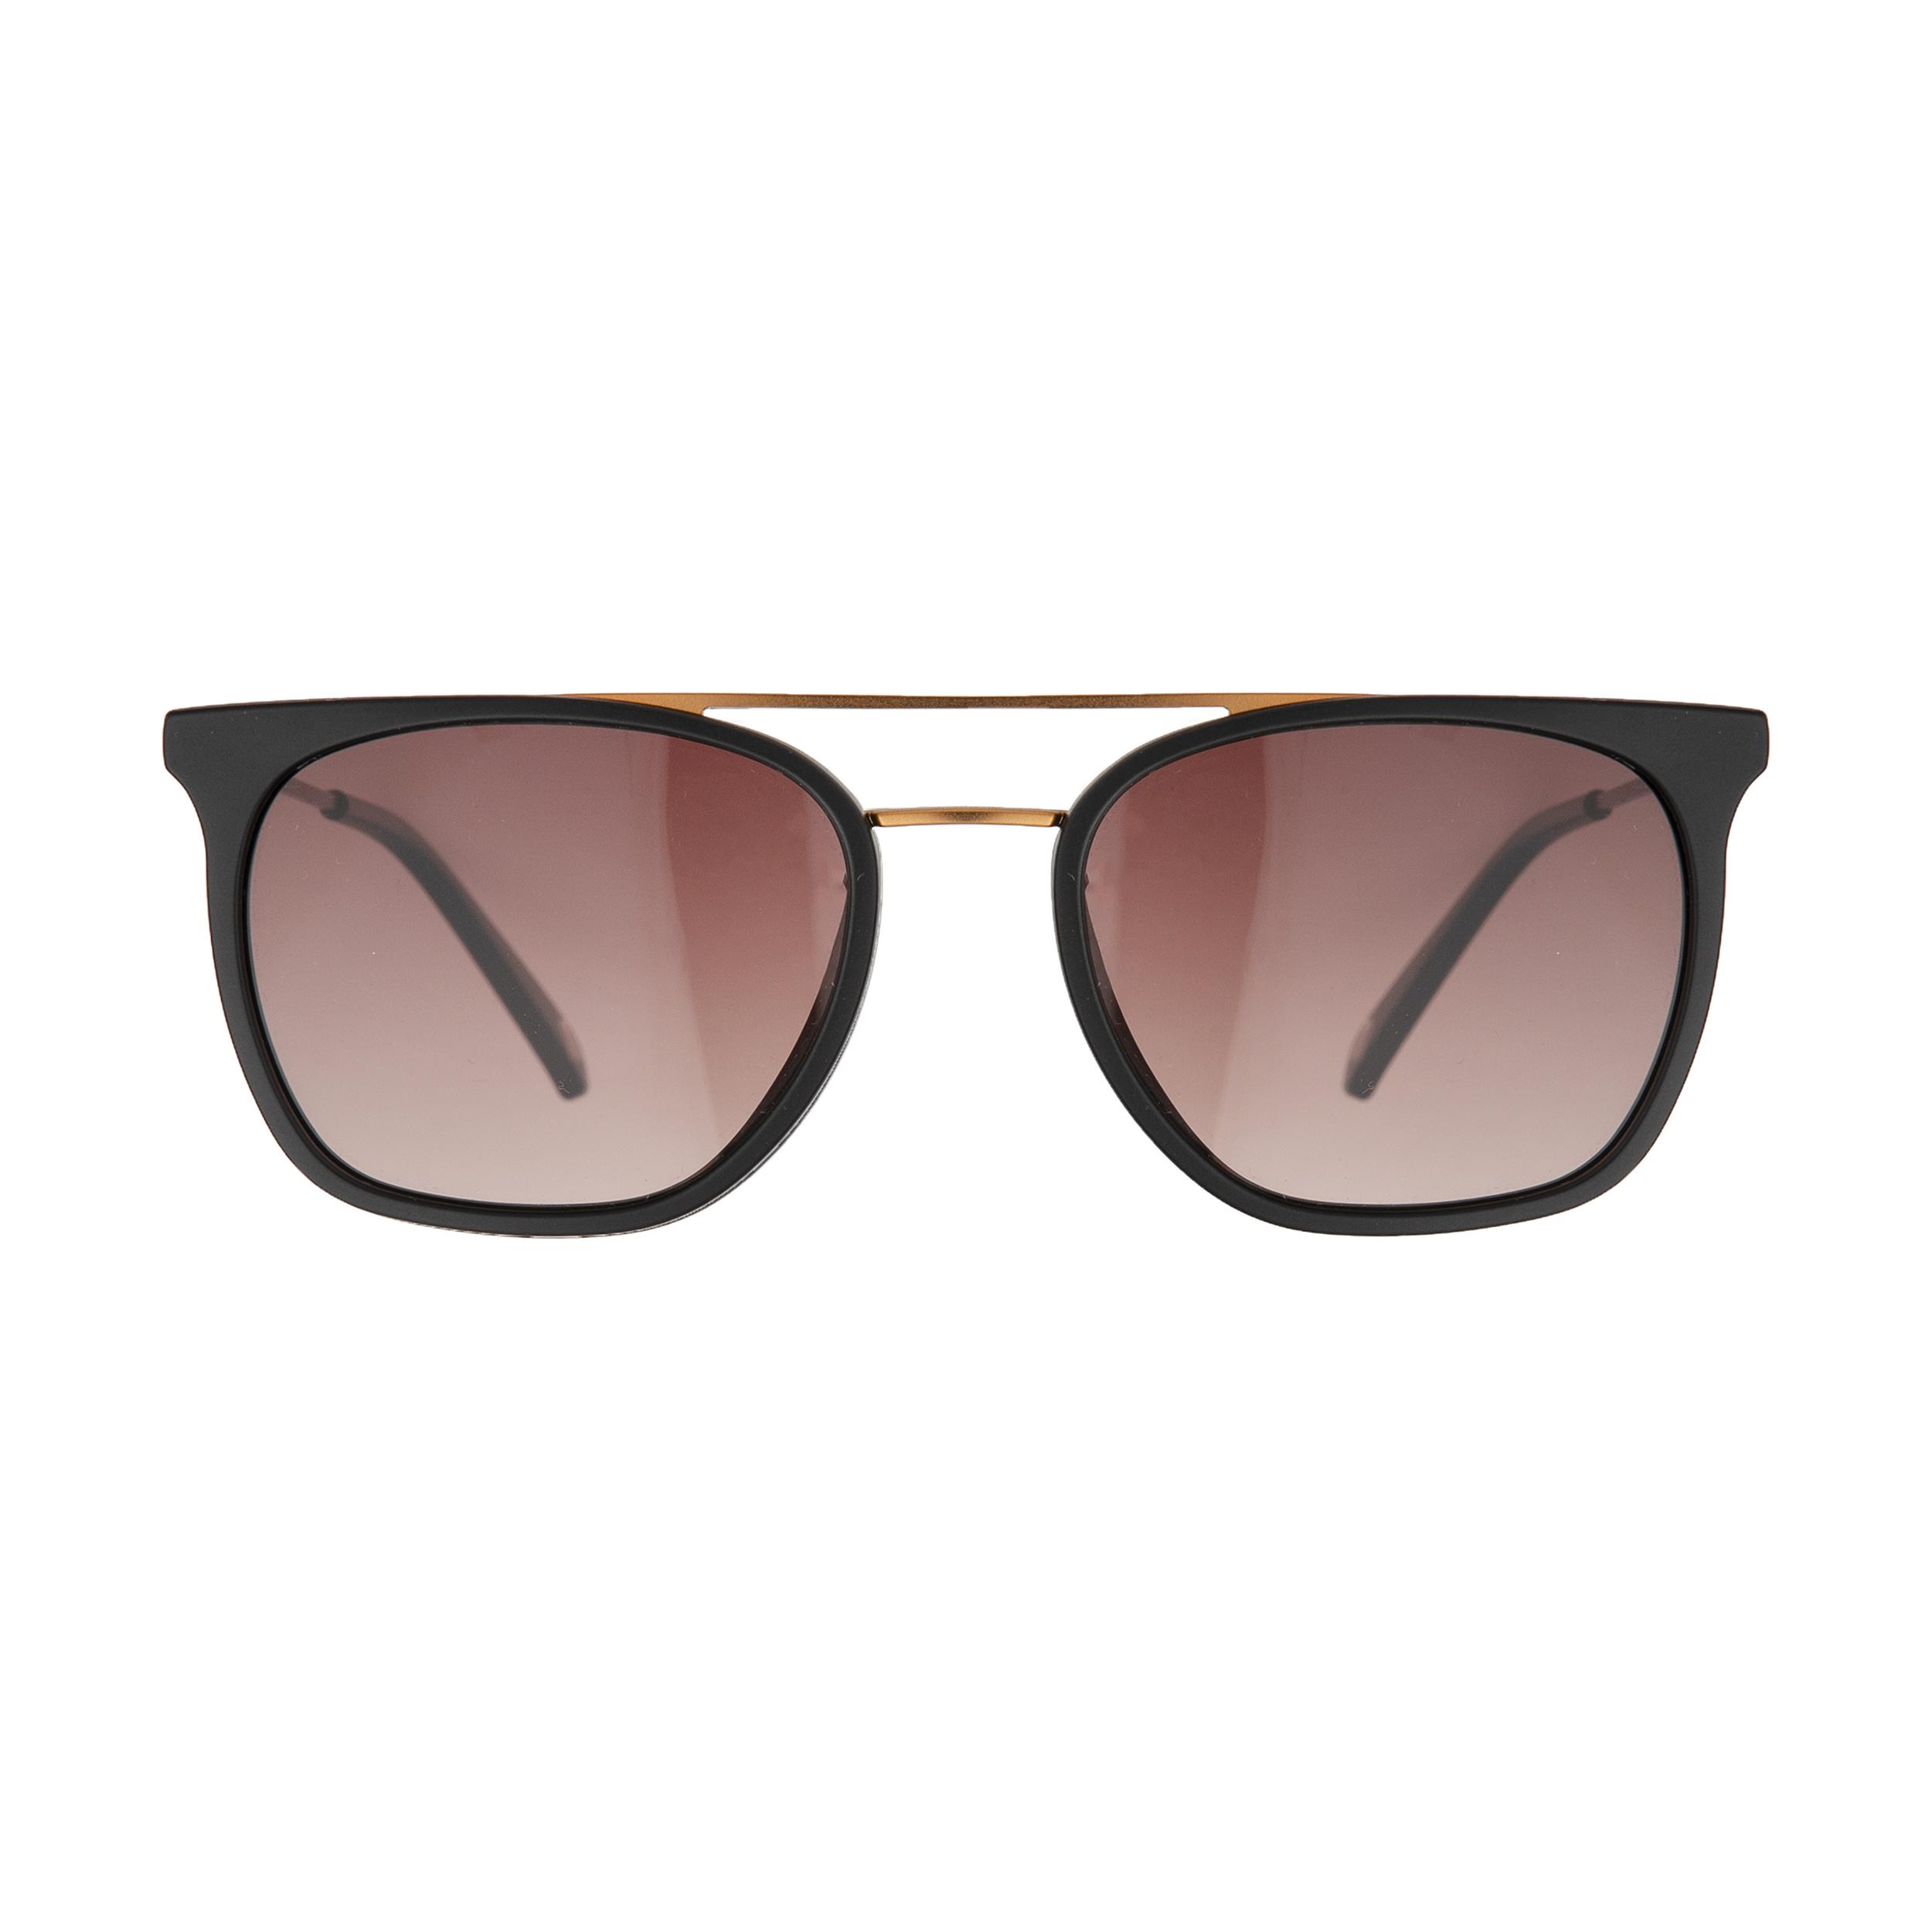 عینک آفتابی تد بیکر مدل TB 1527 OO1